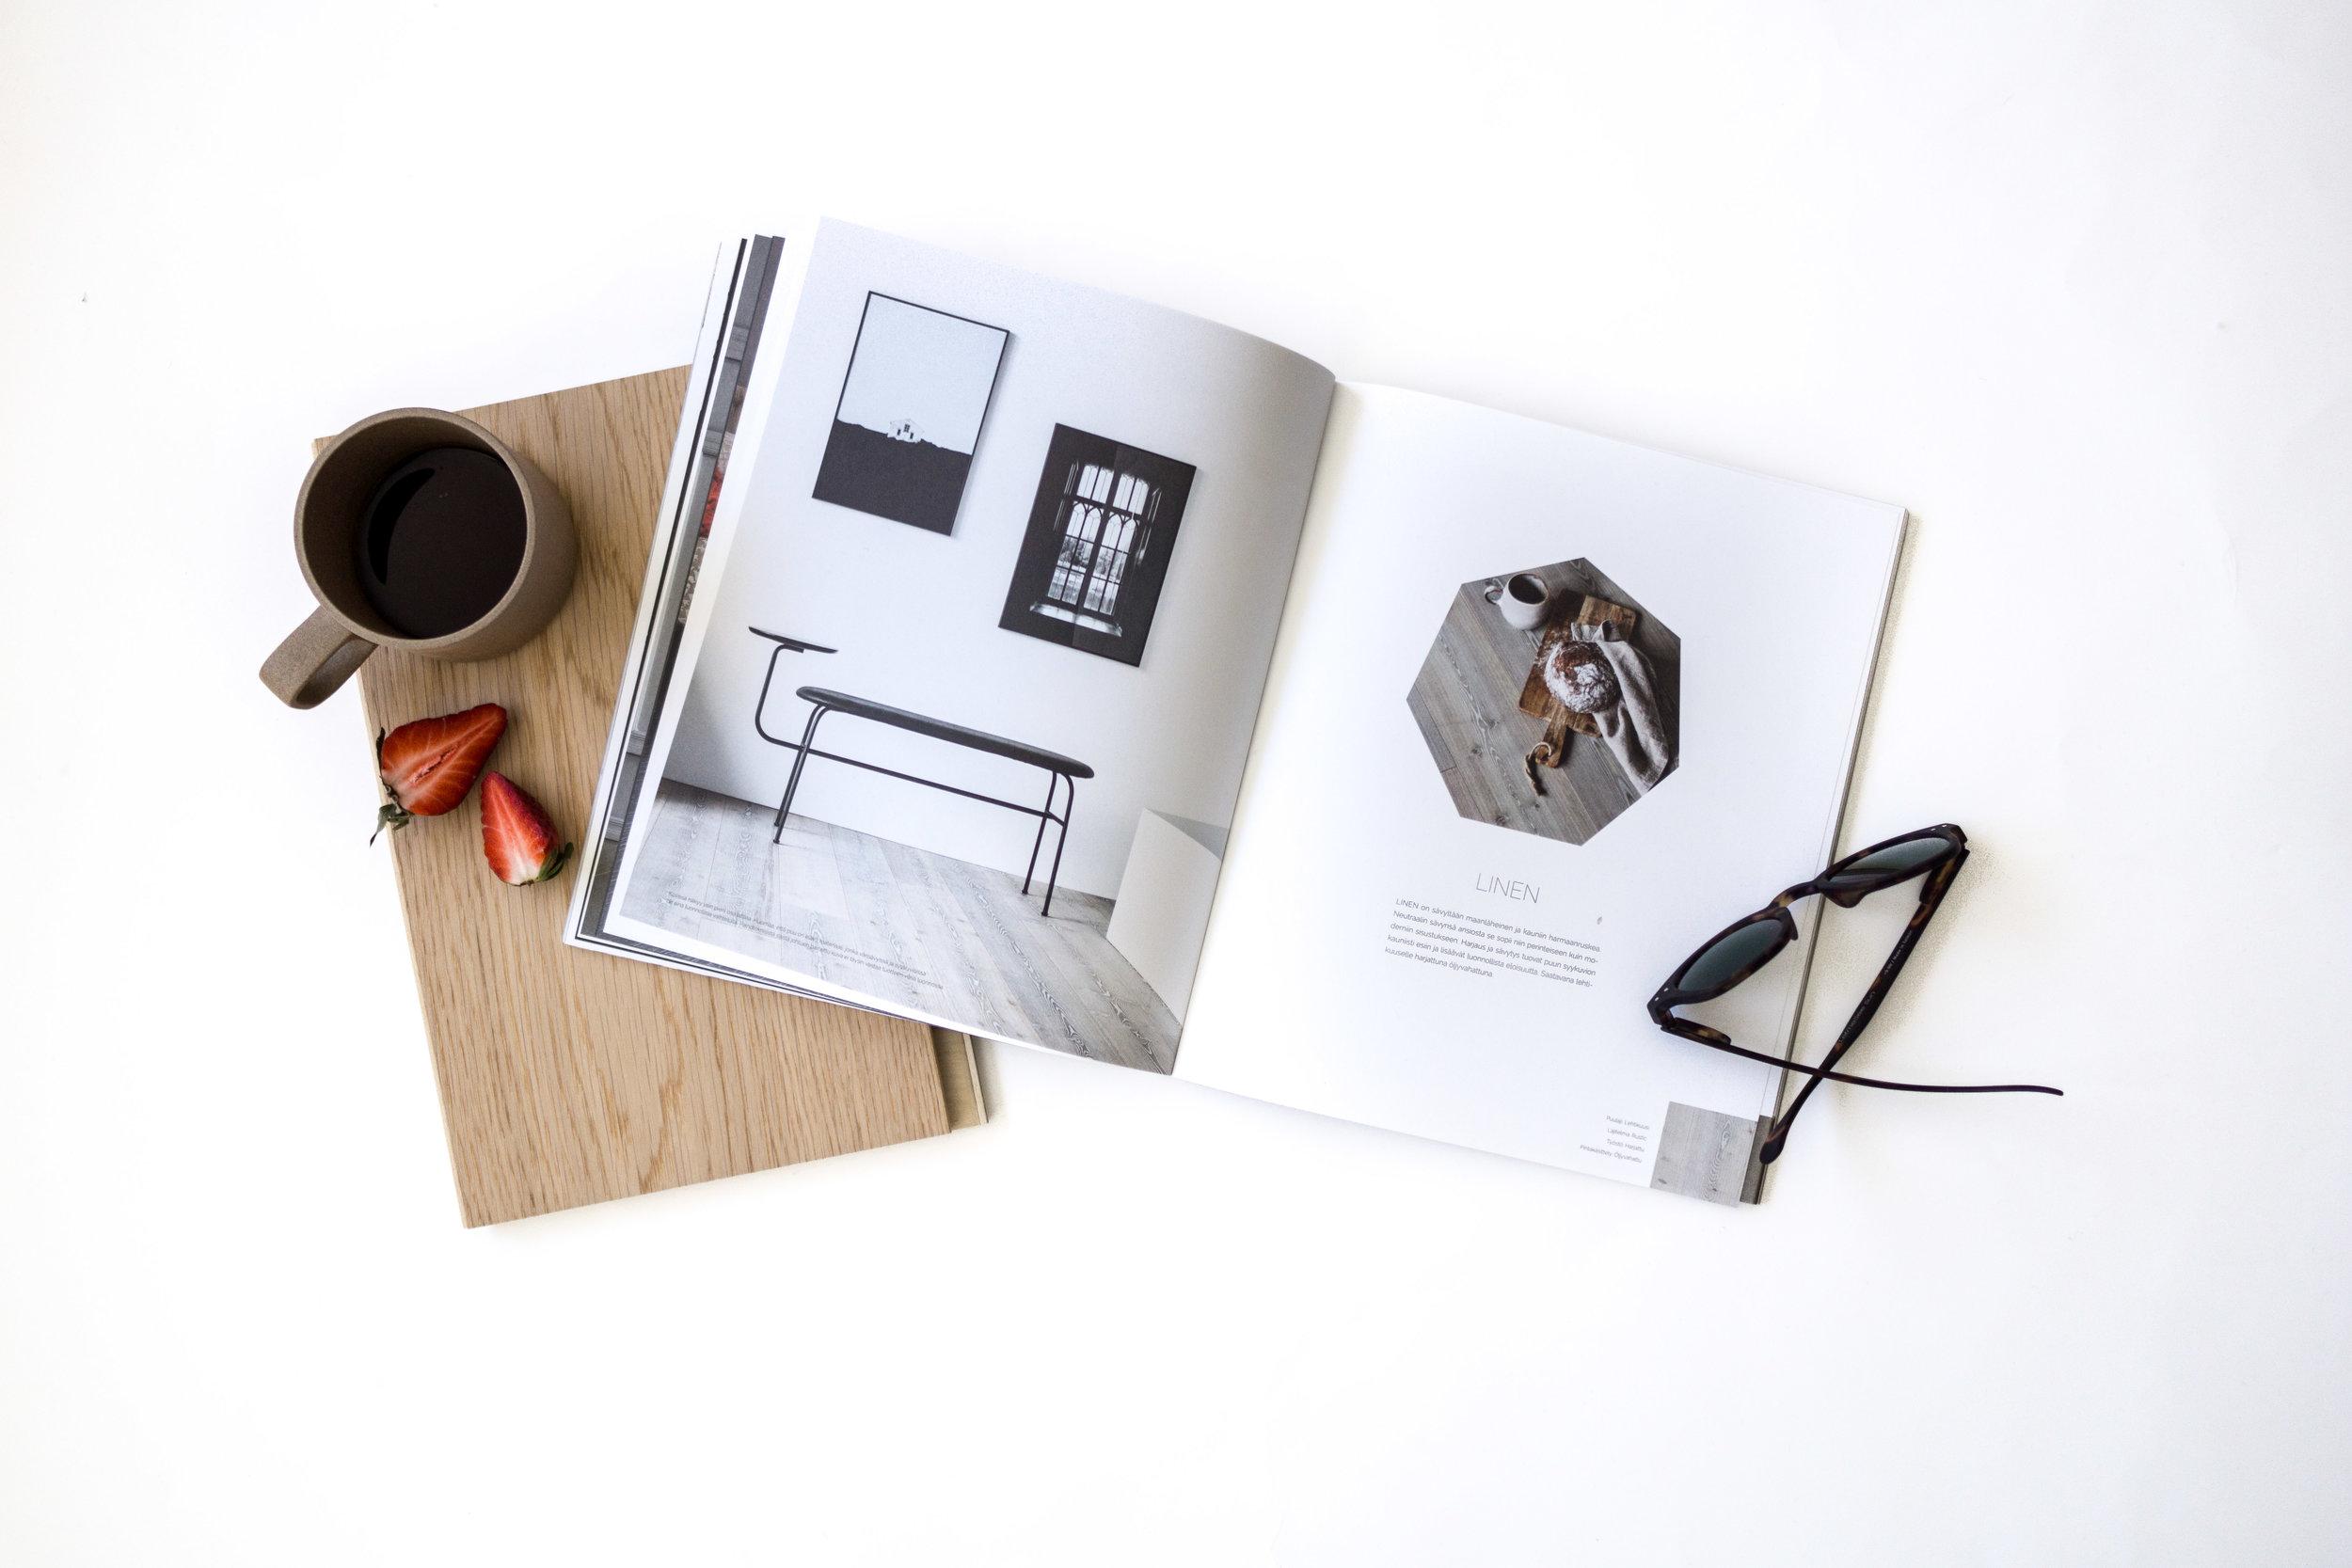 Propsina Timberwisen upea kuvasto, nahkainen Design Torgetista Tukholmasta ostettu avaimenperä (plus avain, josta en tiedä mihin se käy) sekä Japanilaista keramiikkaa Hasami Porcelainilta